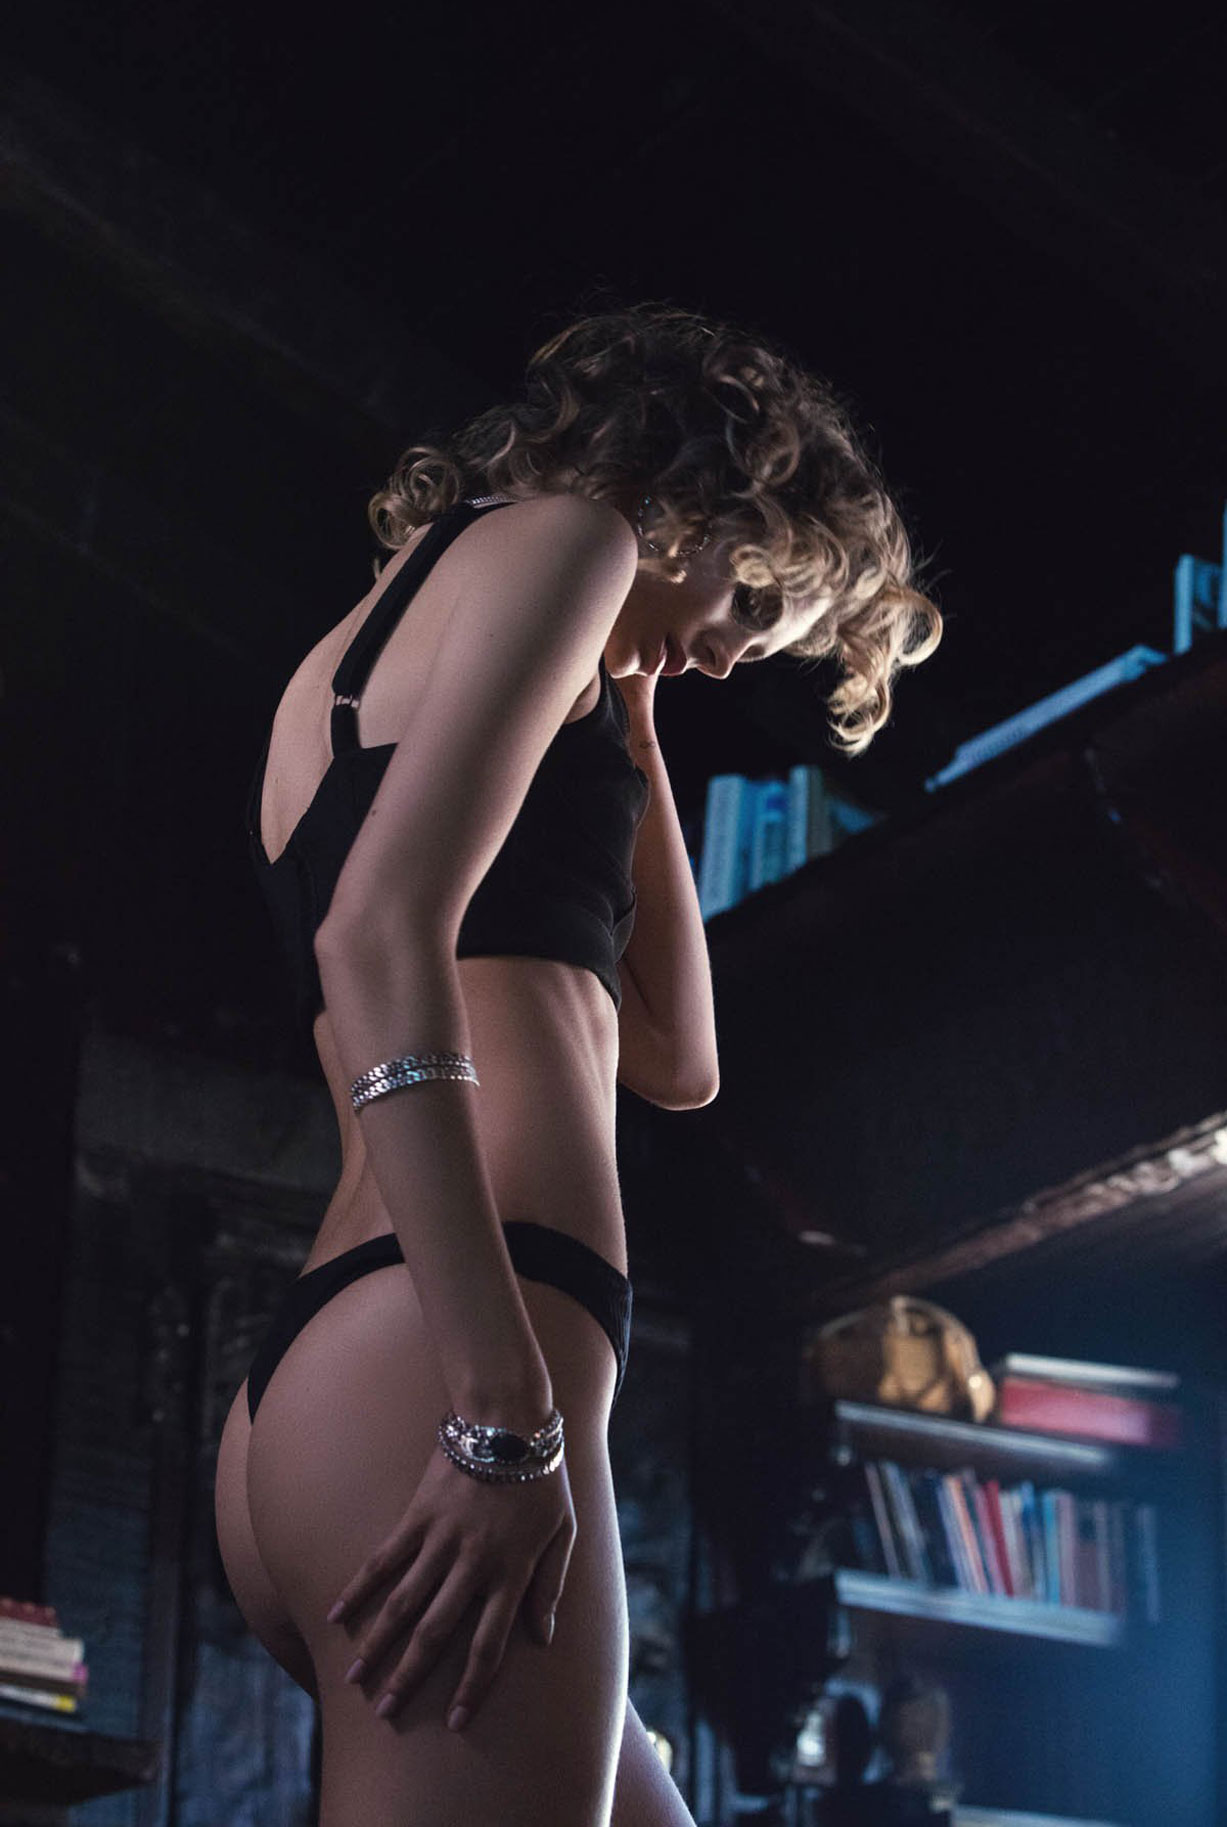 Жужу Иванюк в рекламной кампании одежды и драгоценностей модного бренда Vanessa Mooney / фото 18